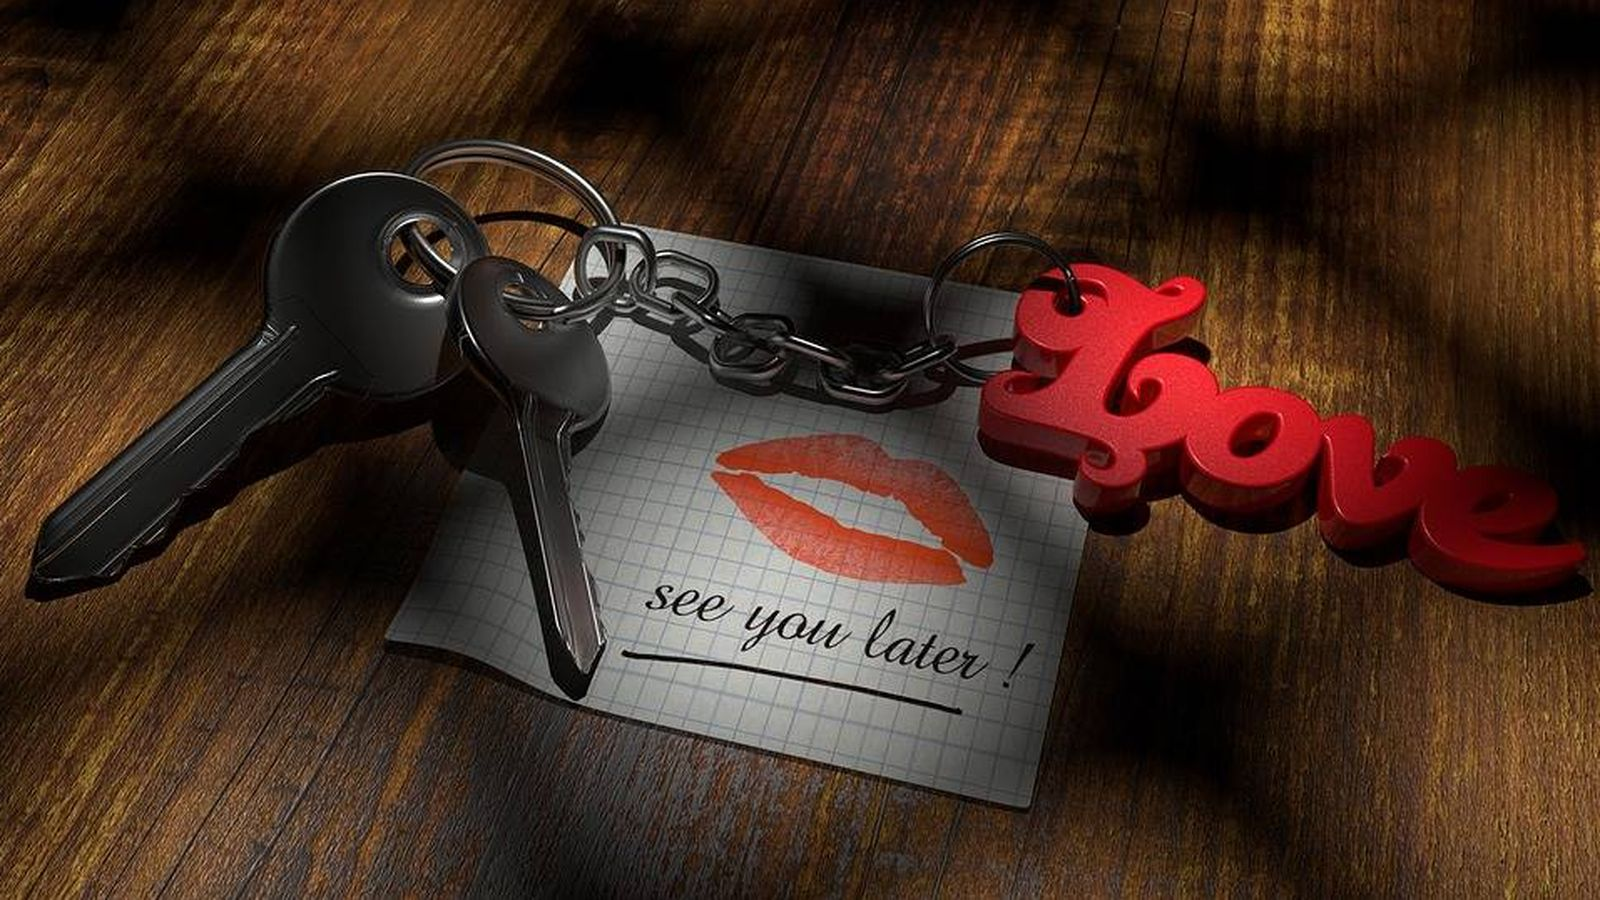 San Valentin San Valentin Poemas De Amor Y Otras Ideas Originales